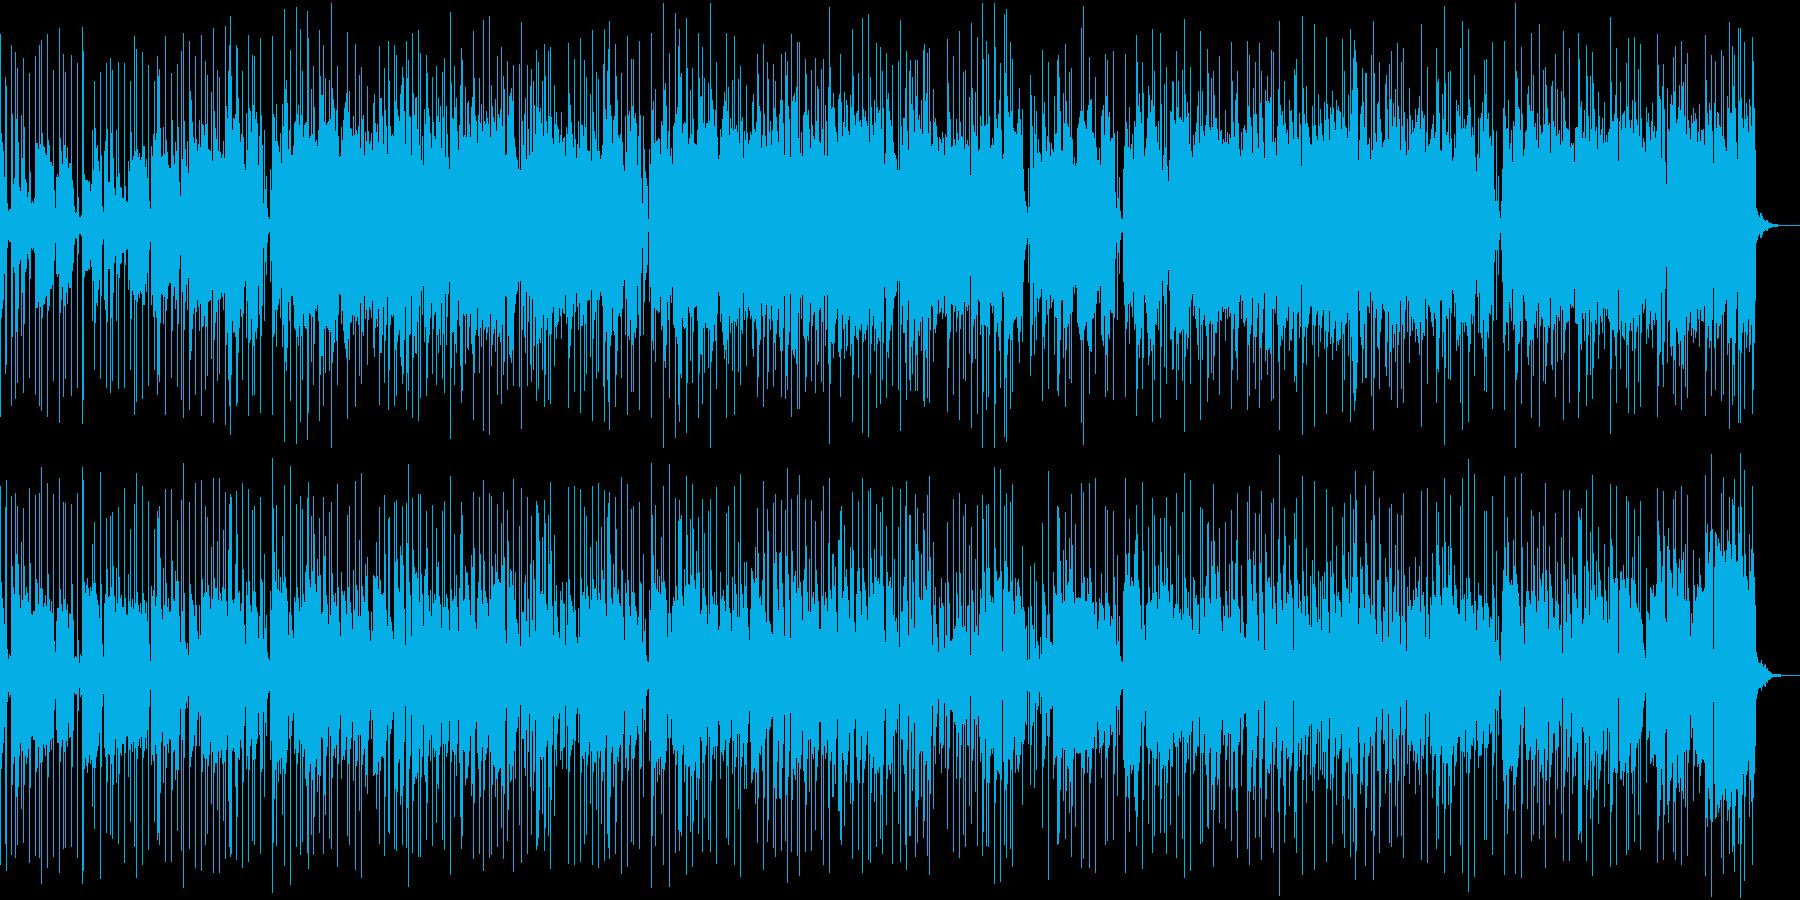 フルート・サックスの哀愁漂うBGMの再生済みの波形